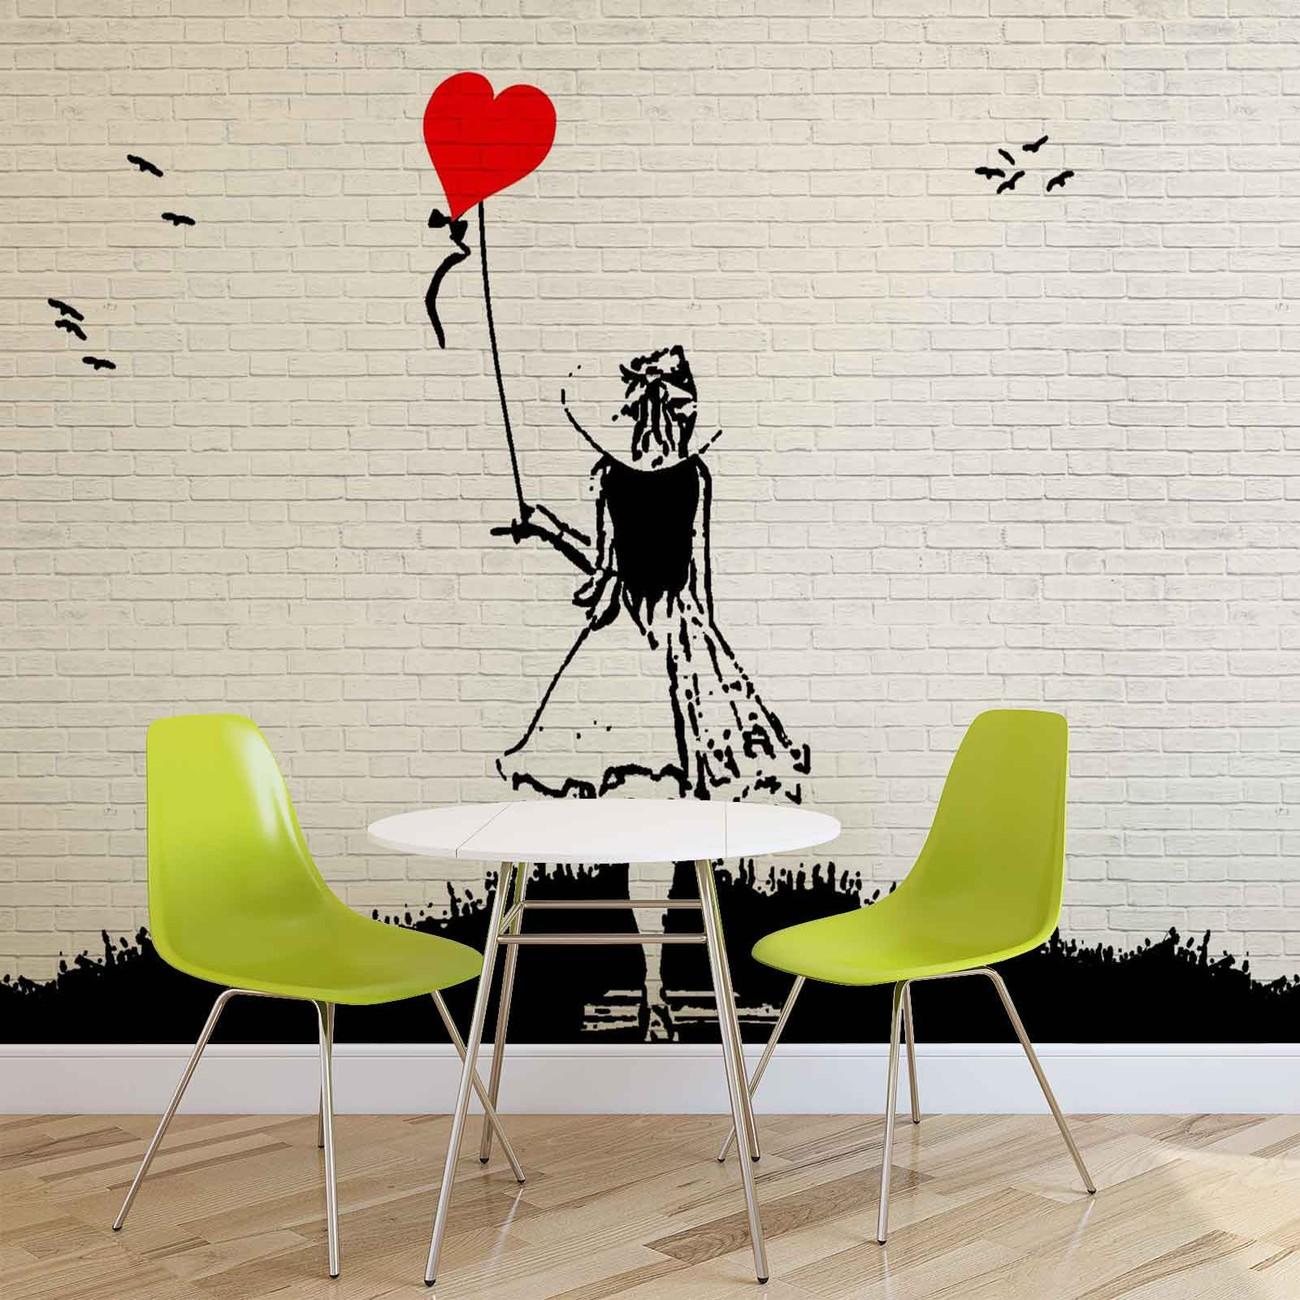 Carta da parati muro mattoni bambina palloncino cuore for Carta da parati tipo mattoni